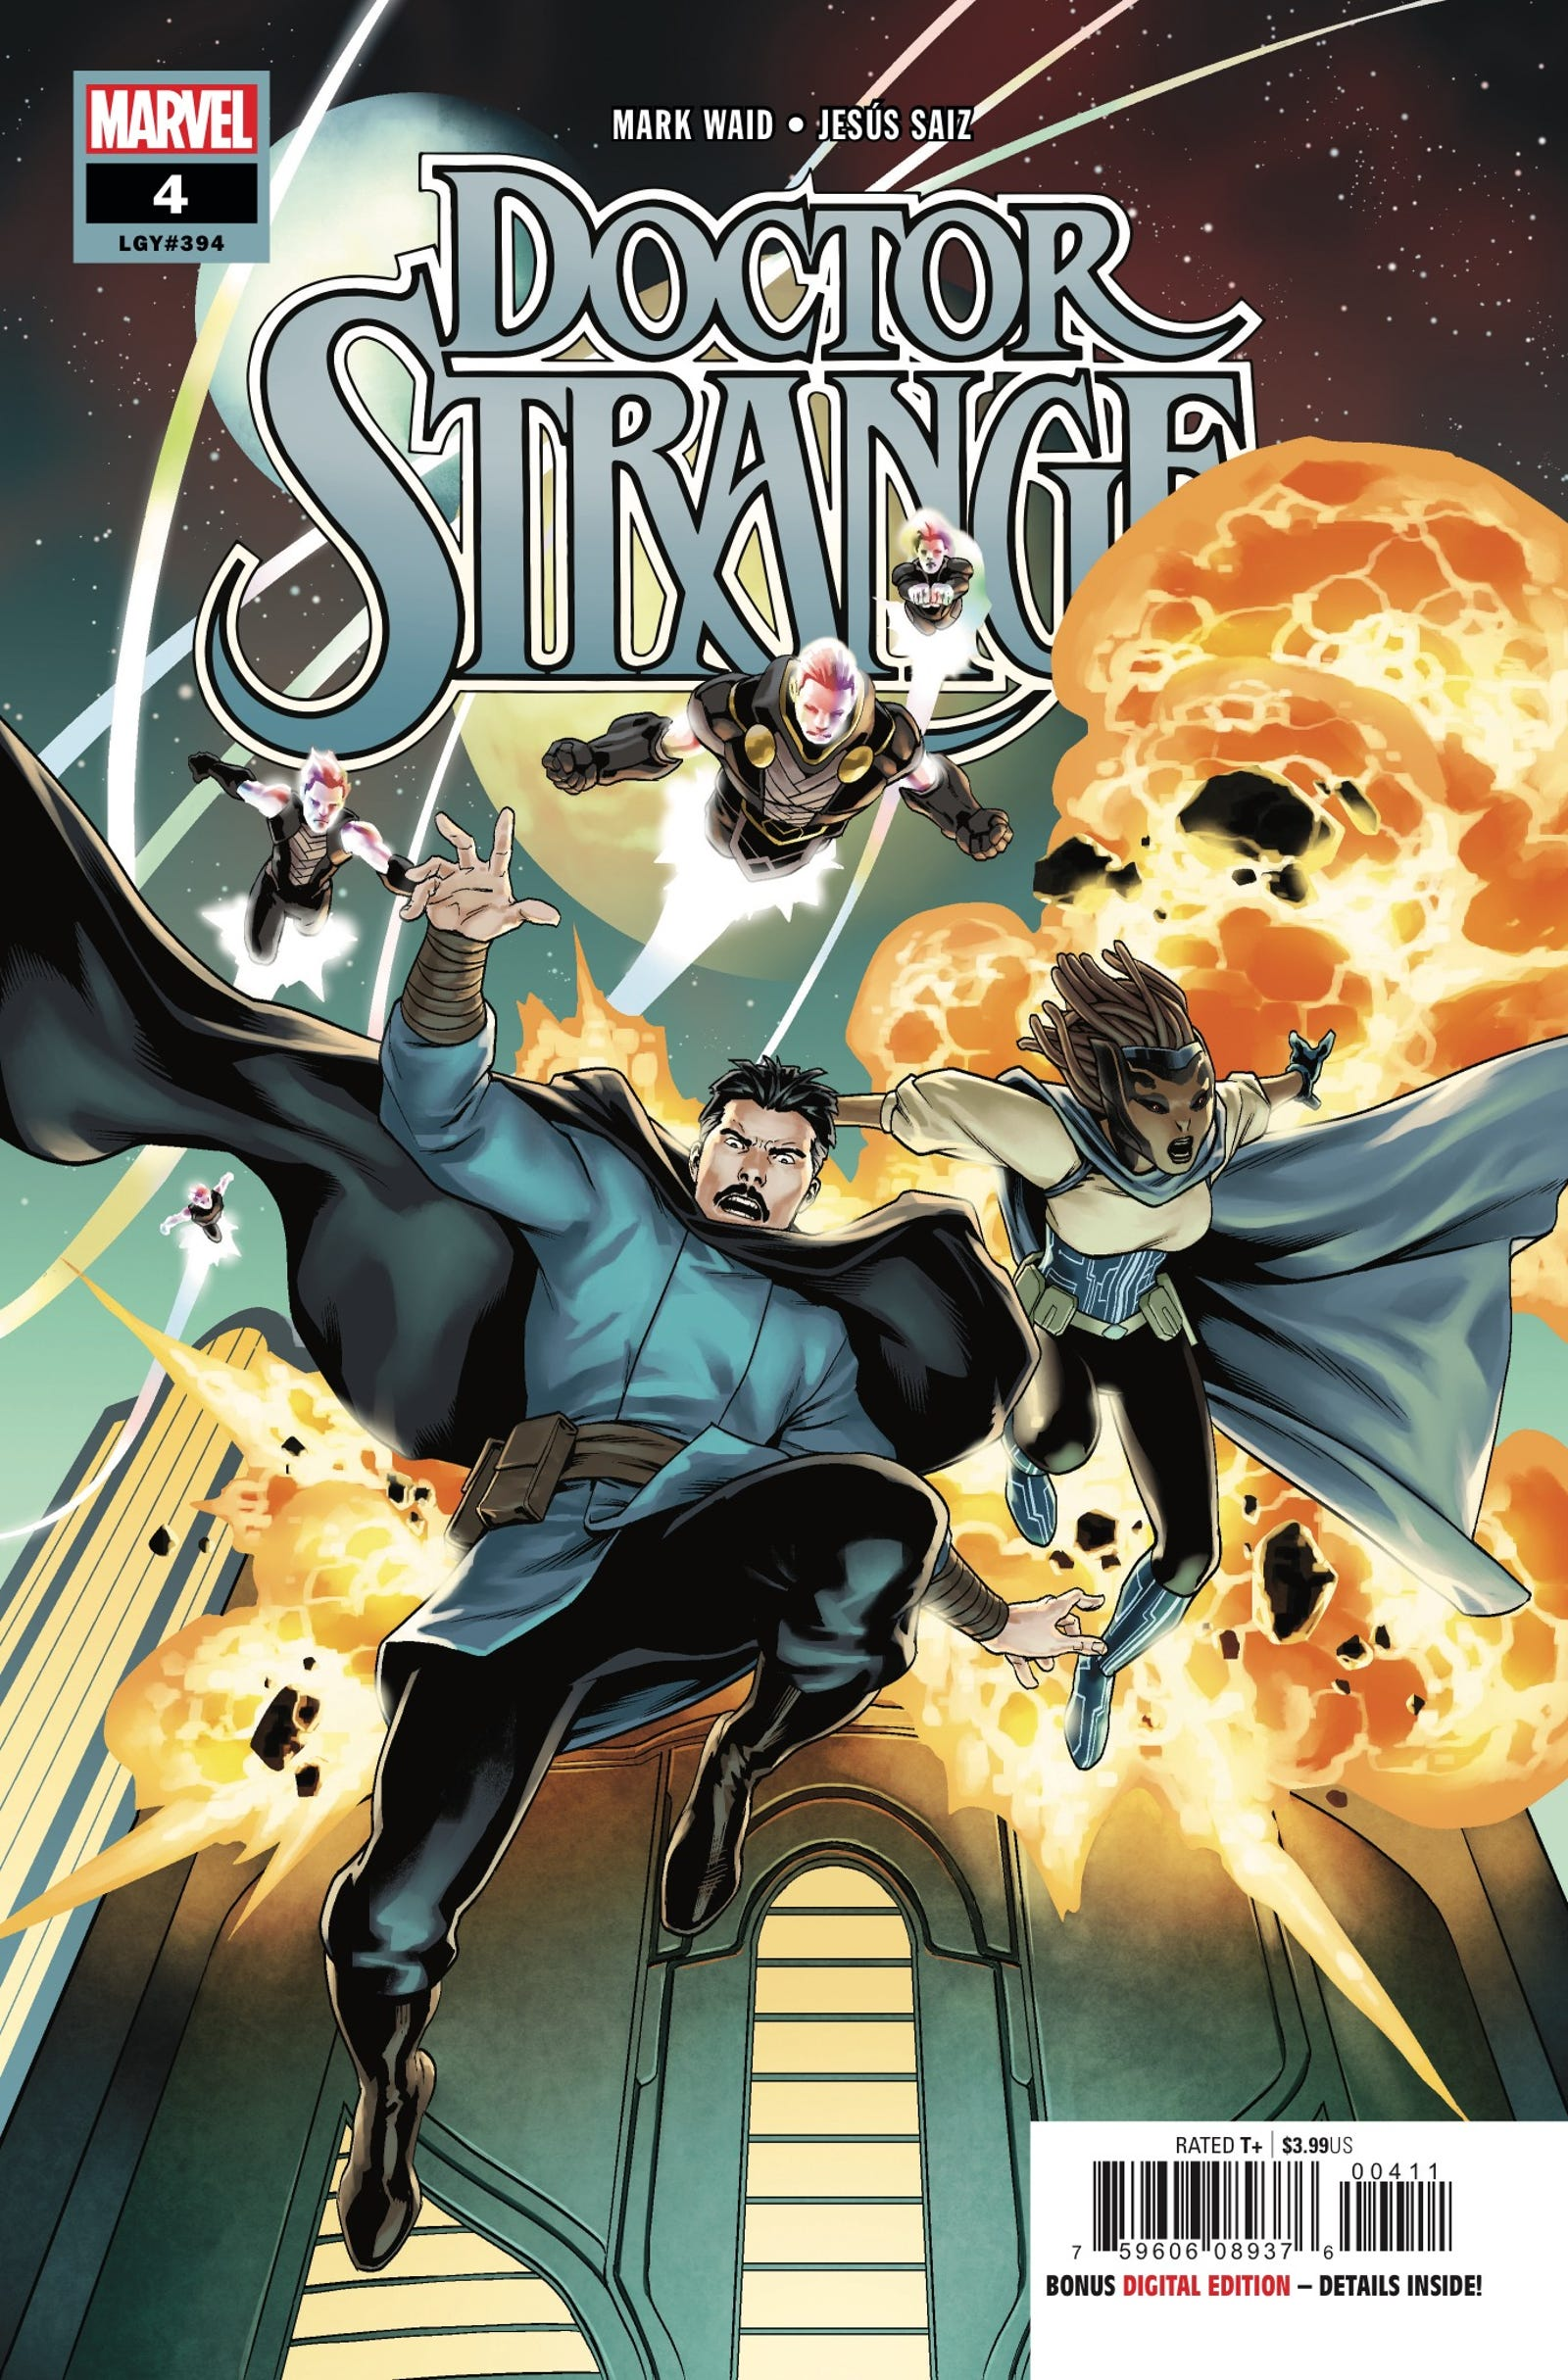 Cover by Jesús Saiz